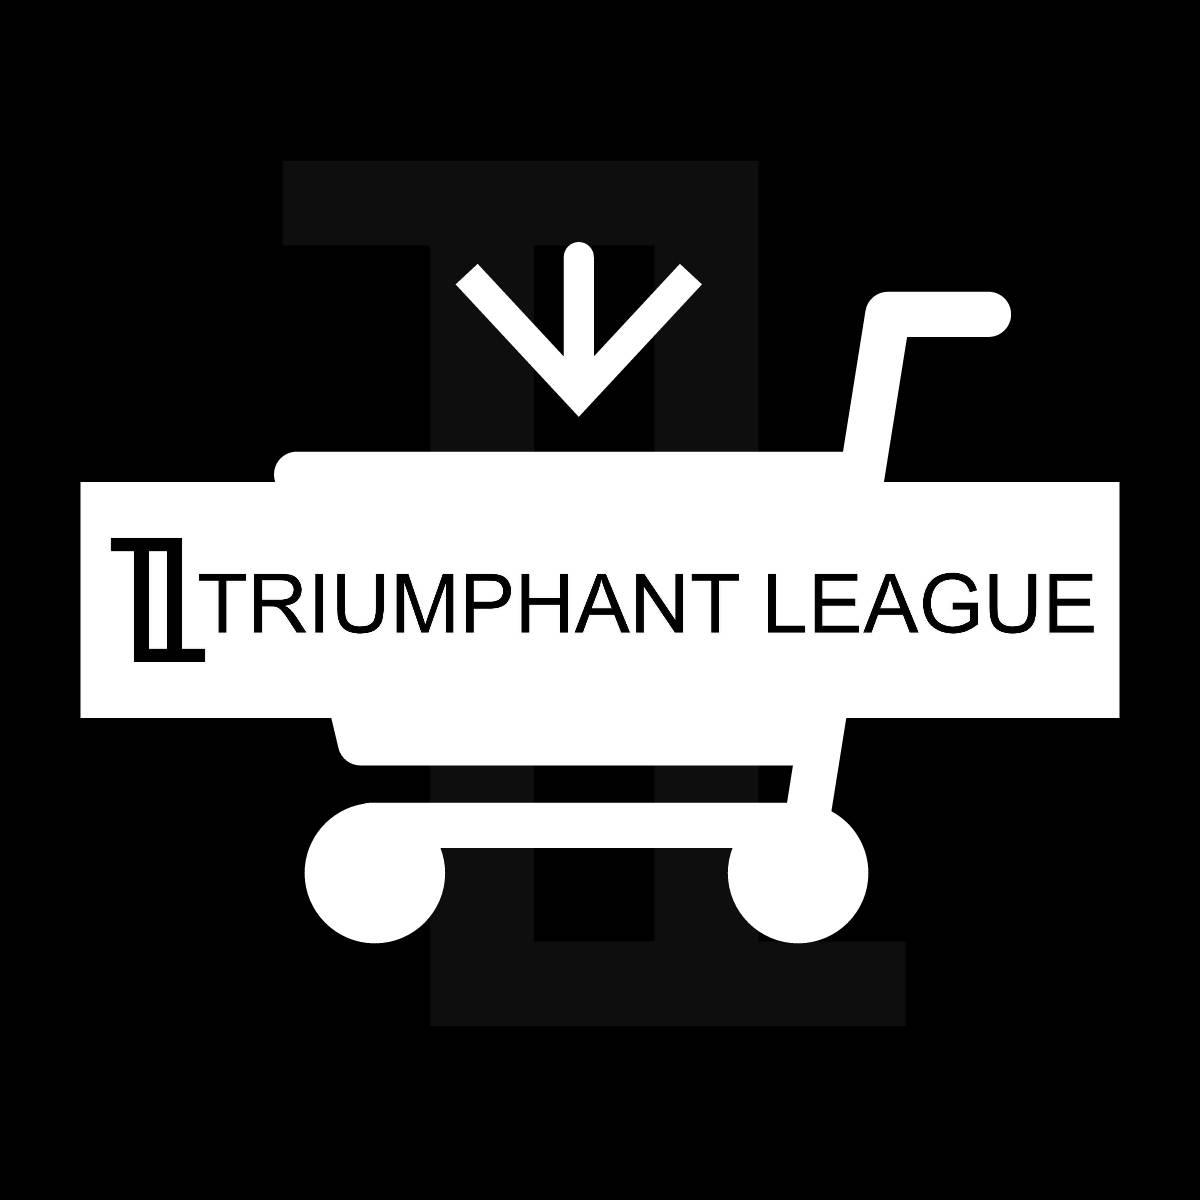 Triumphant League Shop